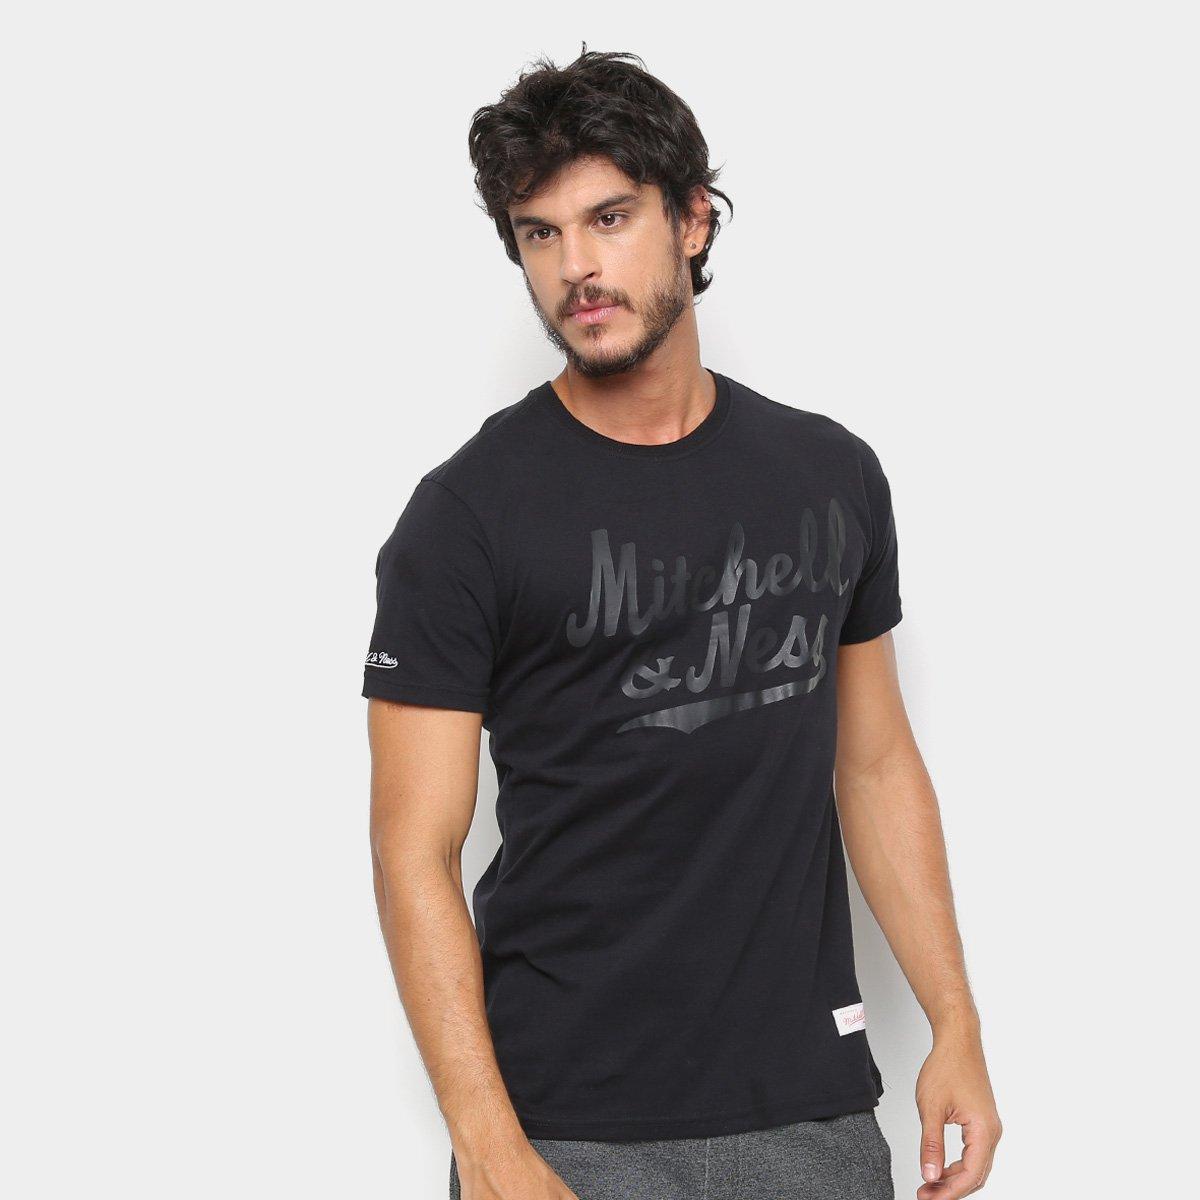 Foto 1 - Camisa Mitchell Assinatura Masculina